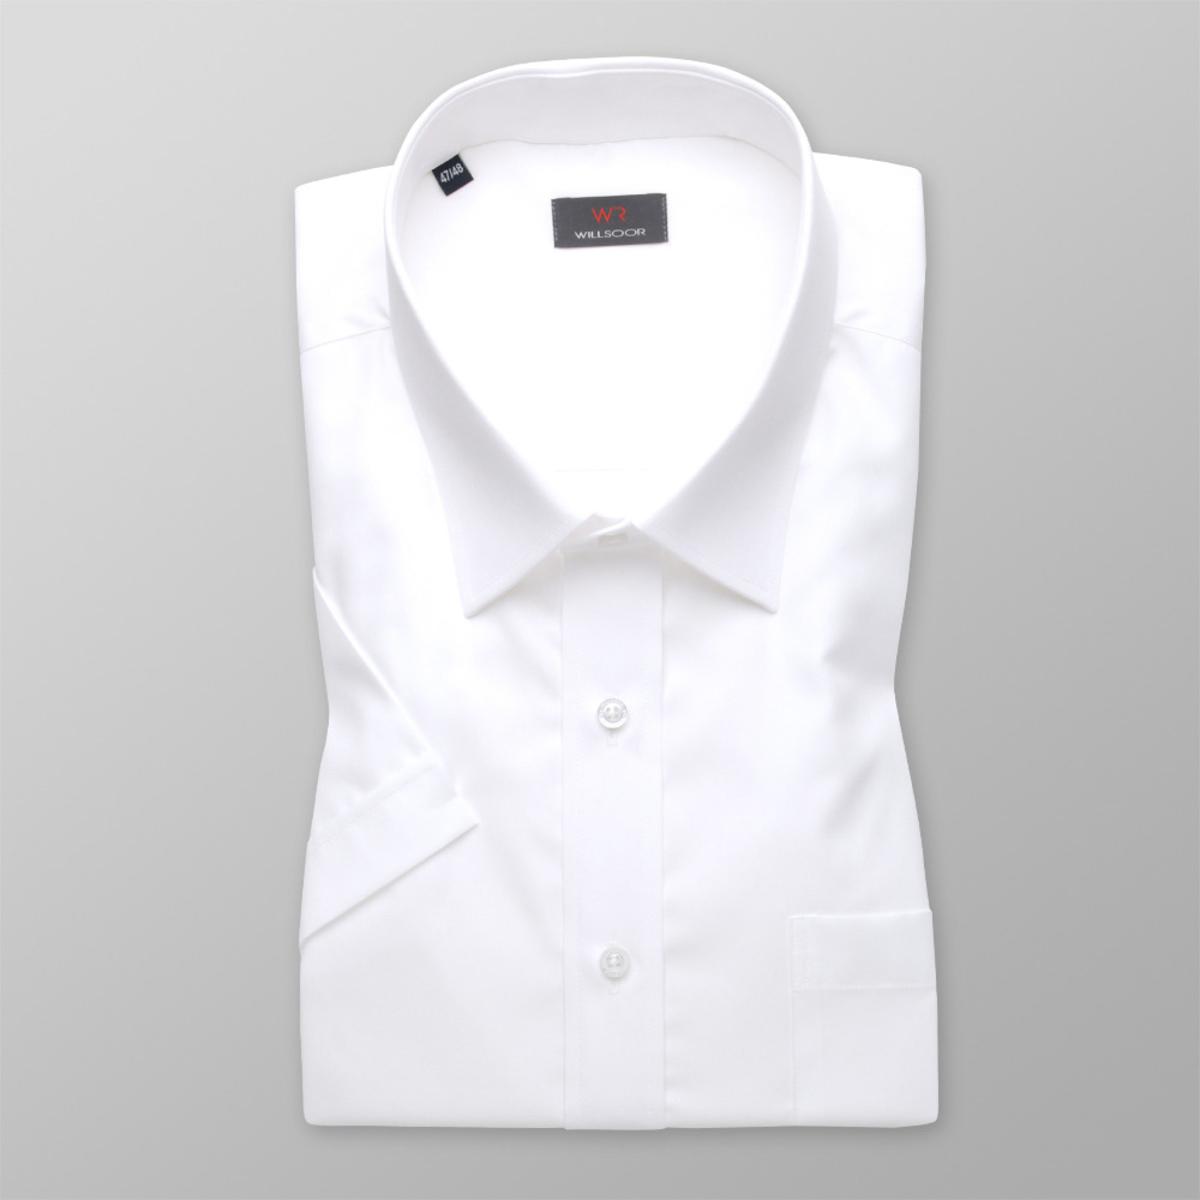 Pánska košele s krátkym rukávom v biele farbe WR Classic (výška 176-182) 5113 176-182 / 47/48